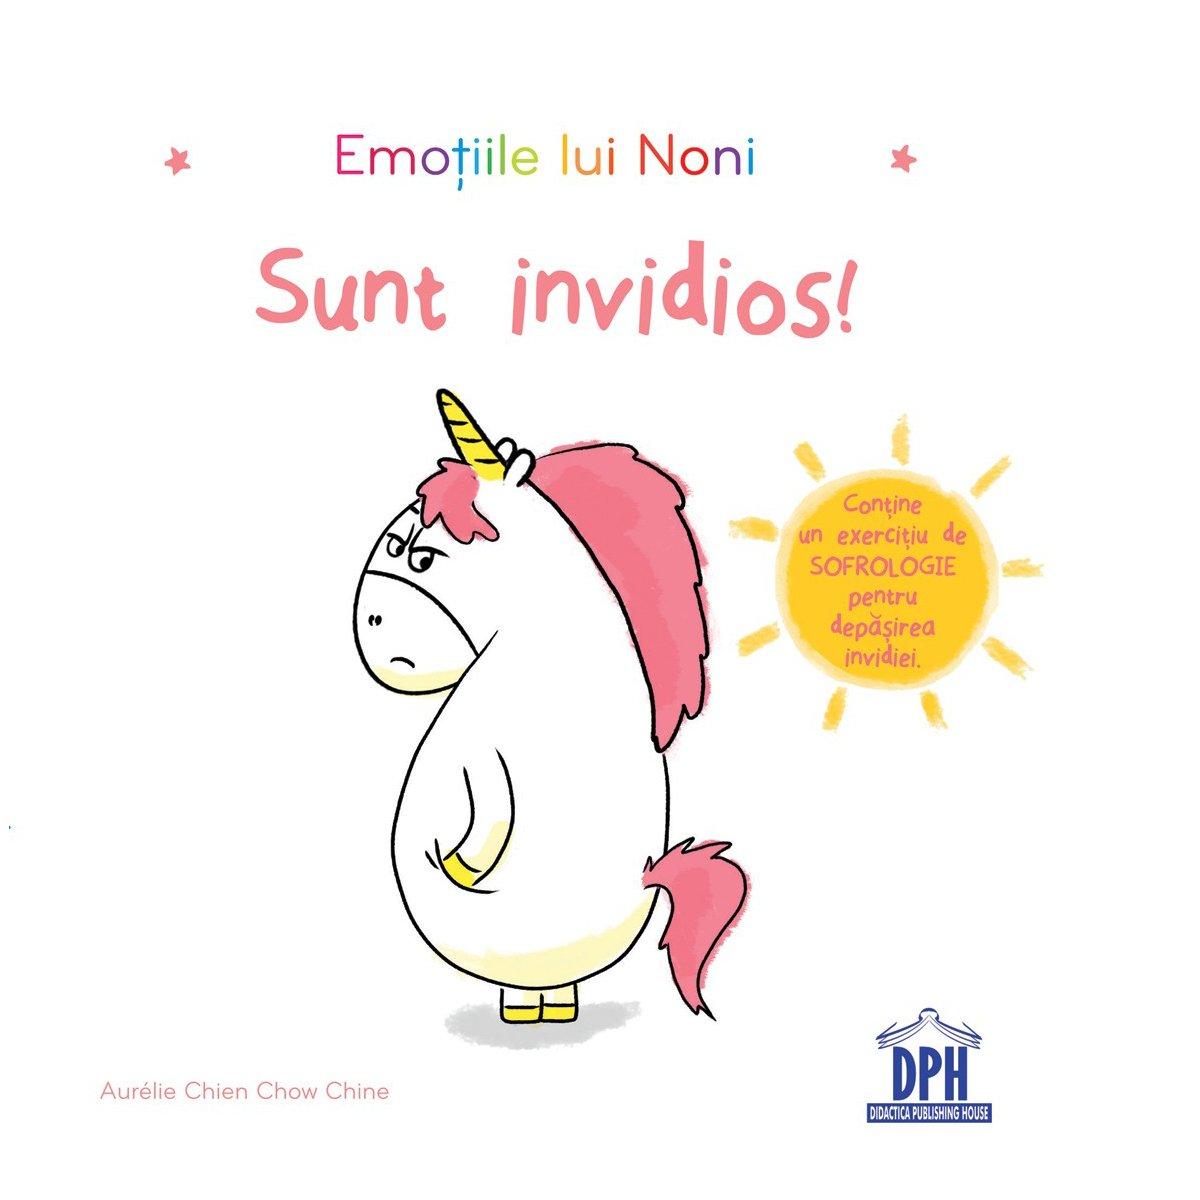 Carte Emotiile lui Noni - sunt invidios, Editura DPH imagine 2021